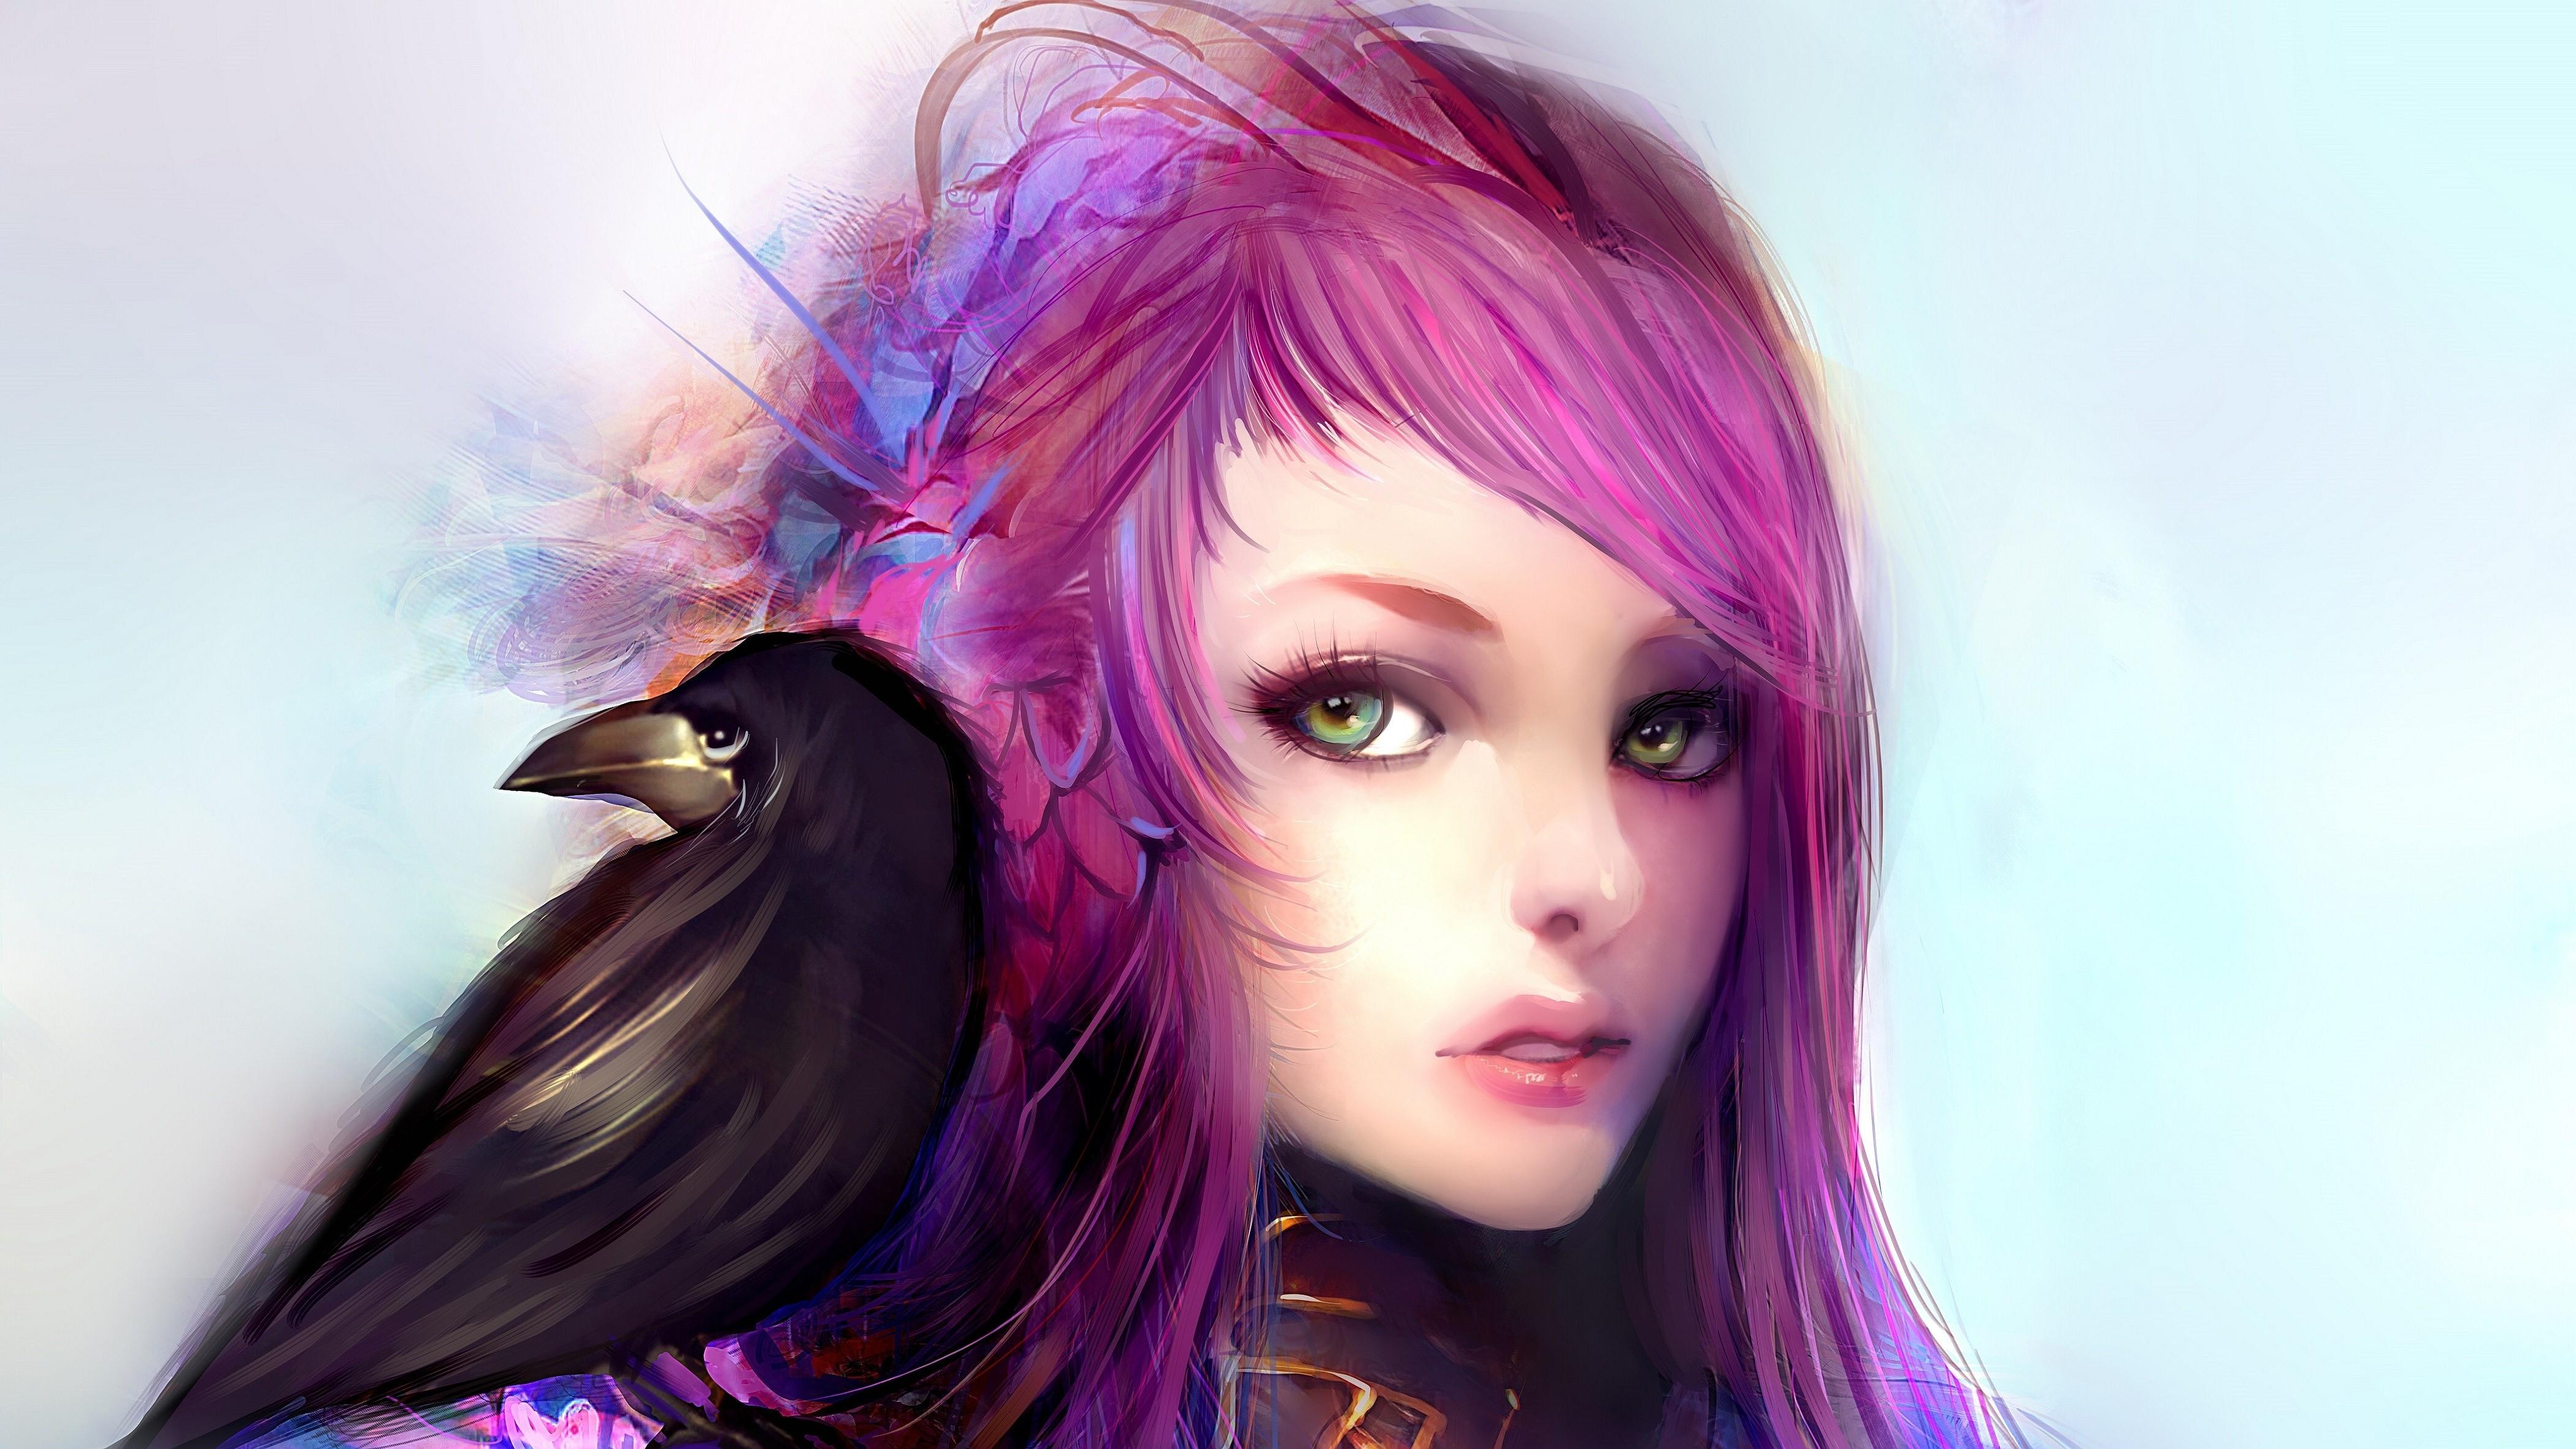 Pink Hair Anime Girl Artwork Laptop HD